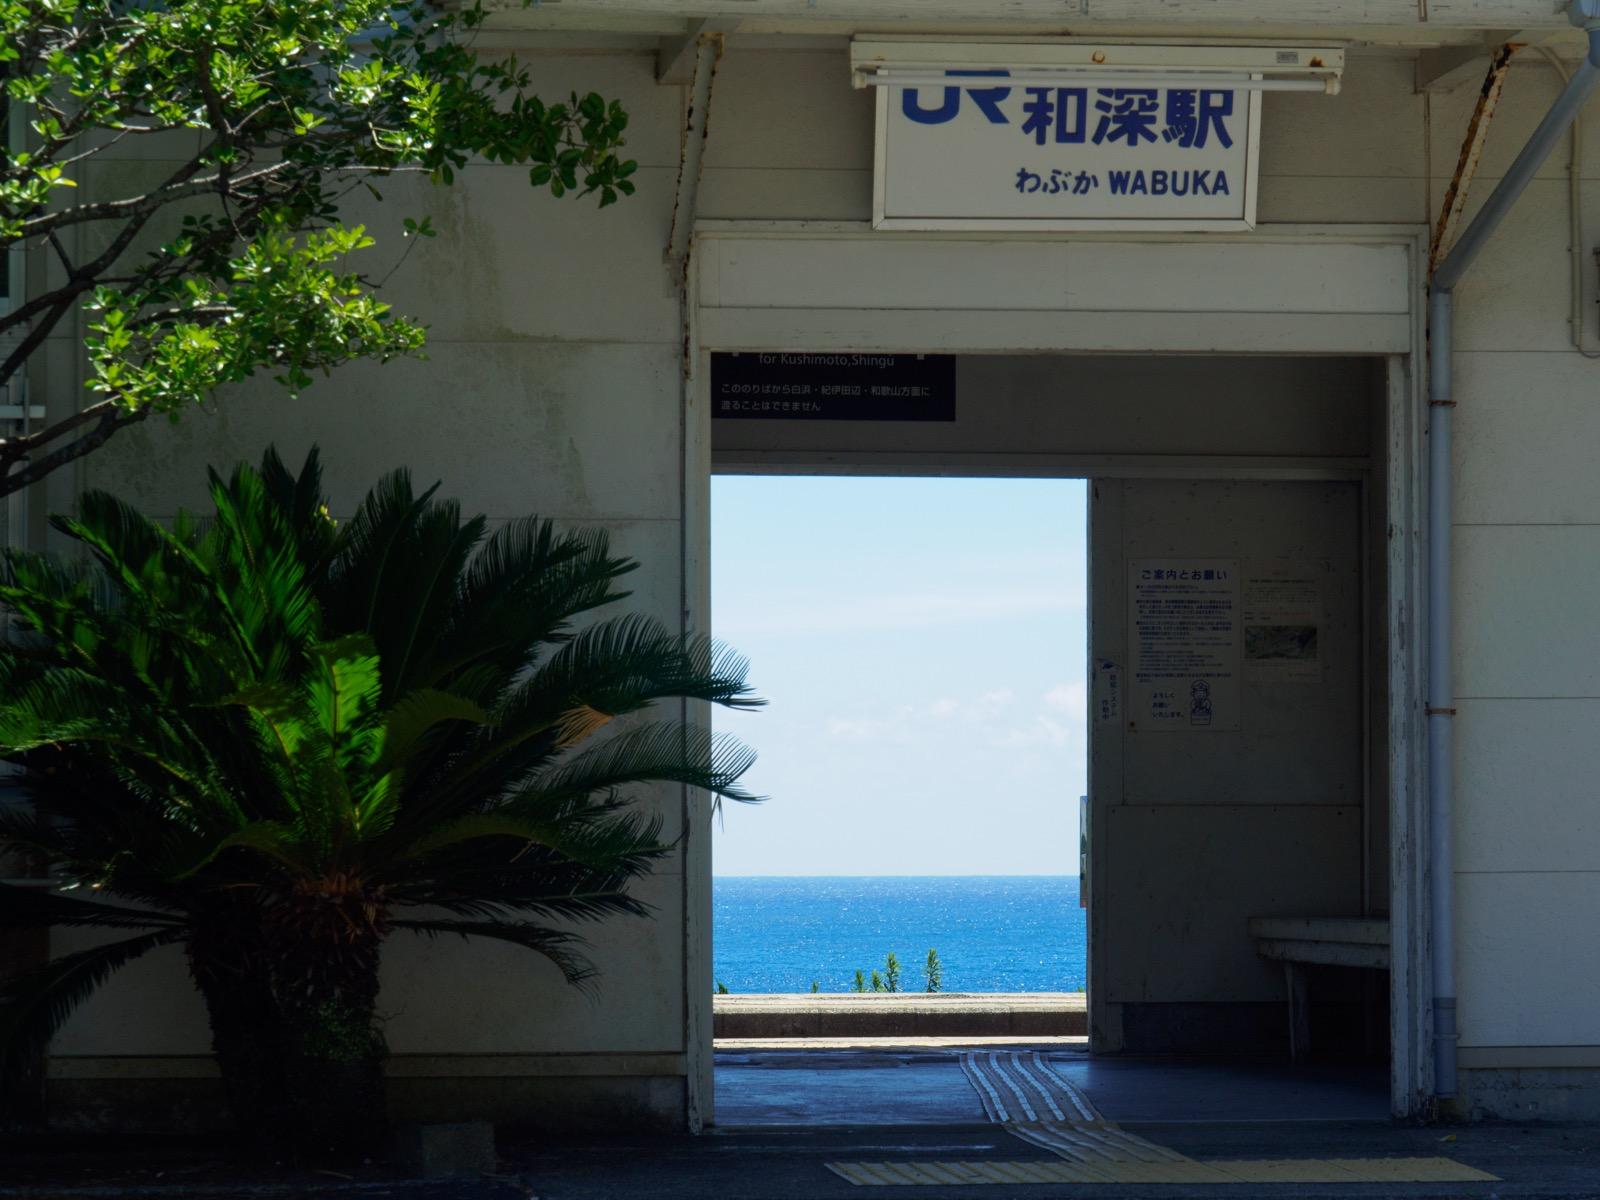 和深駅の駅舎と海(枯木灘)